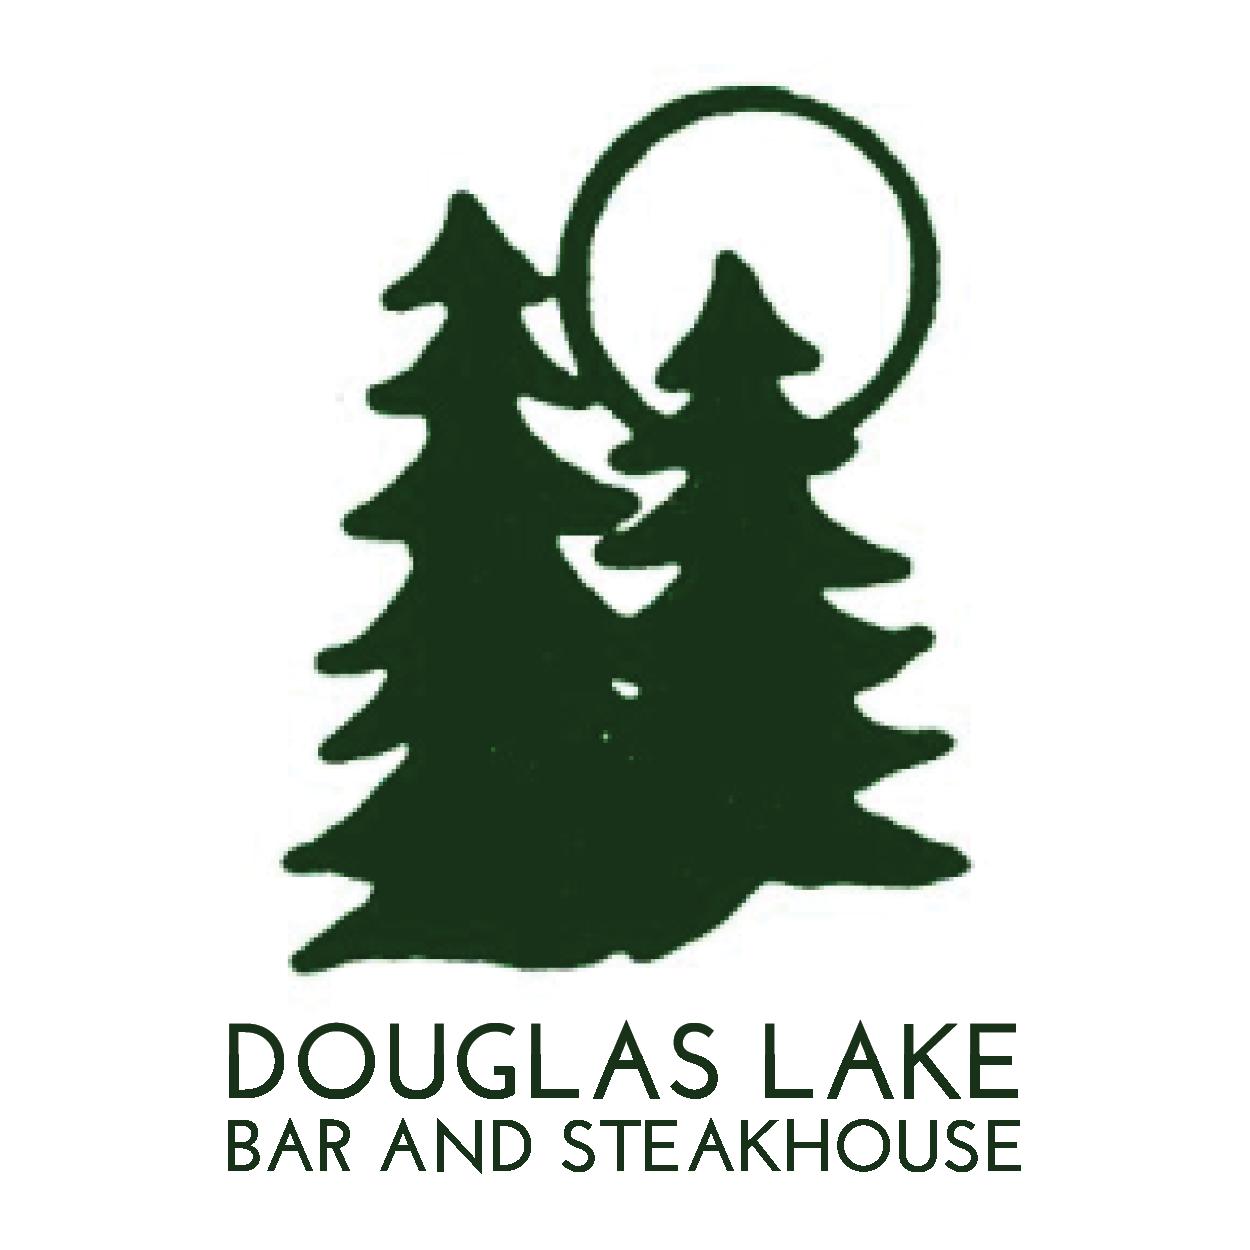 DouglasLakeLogo